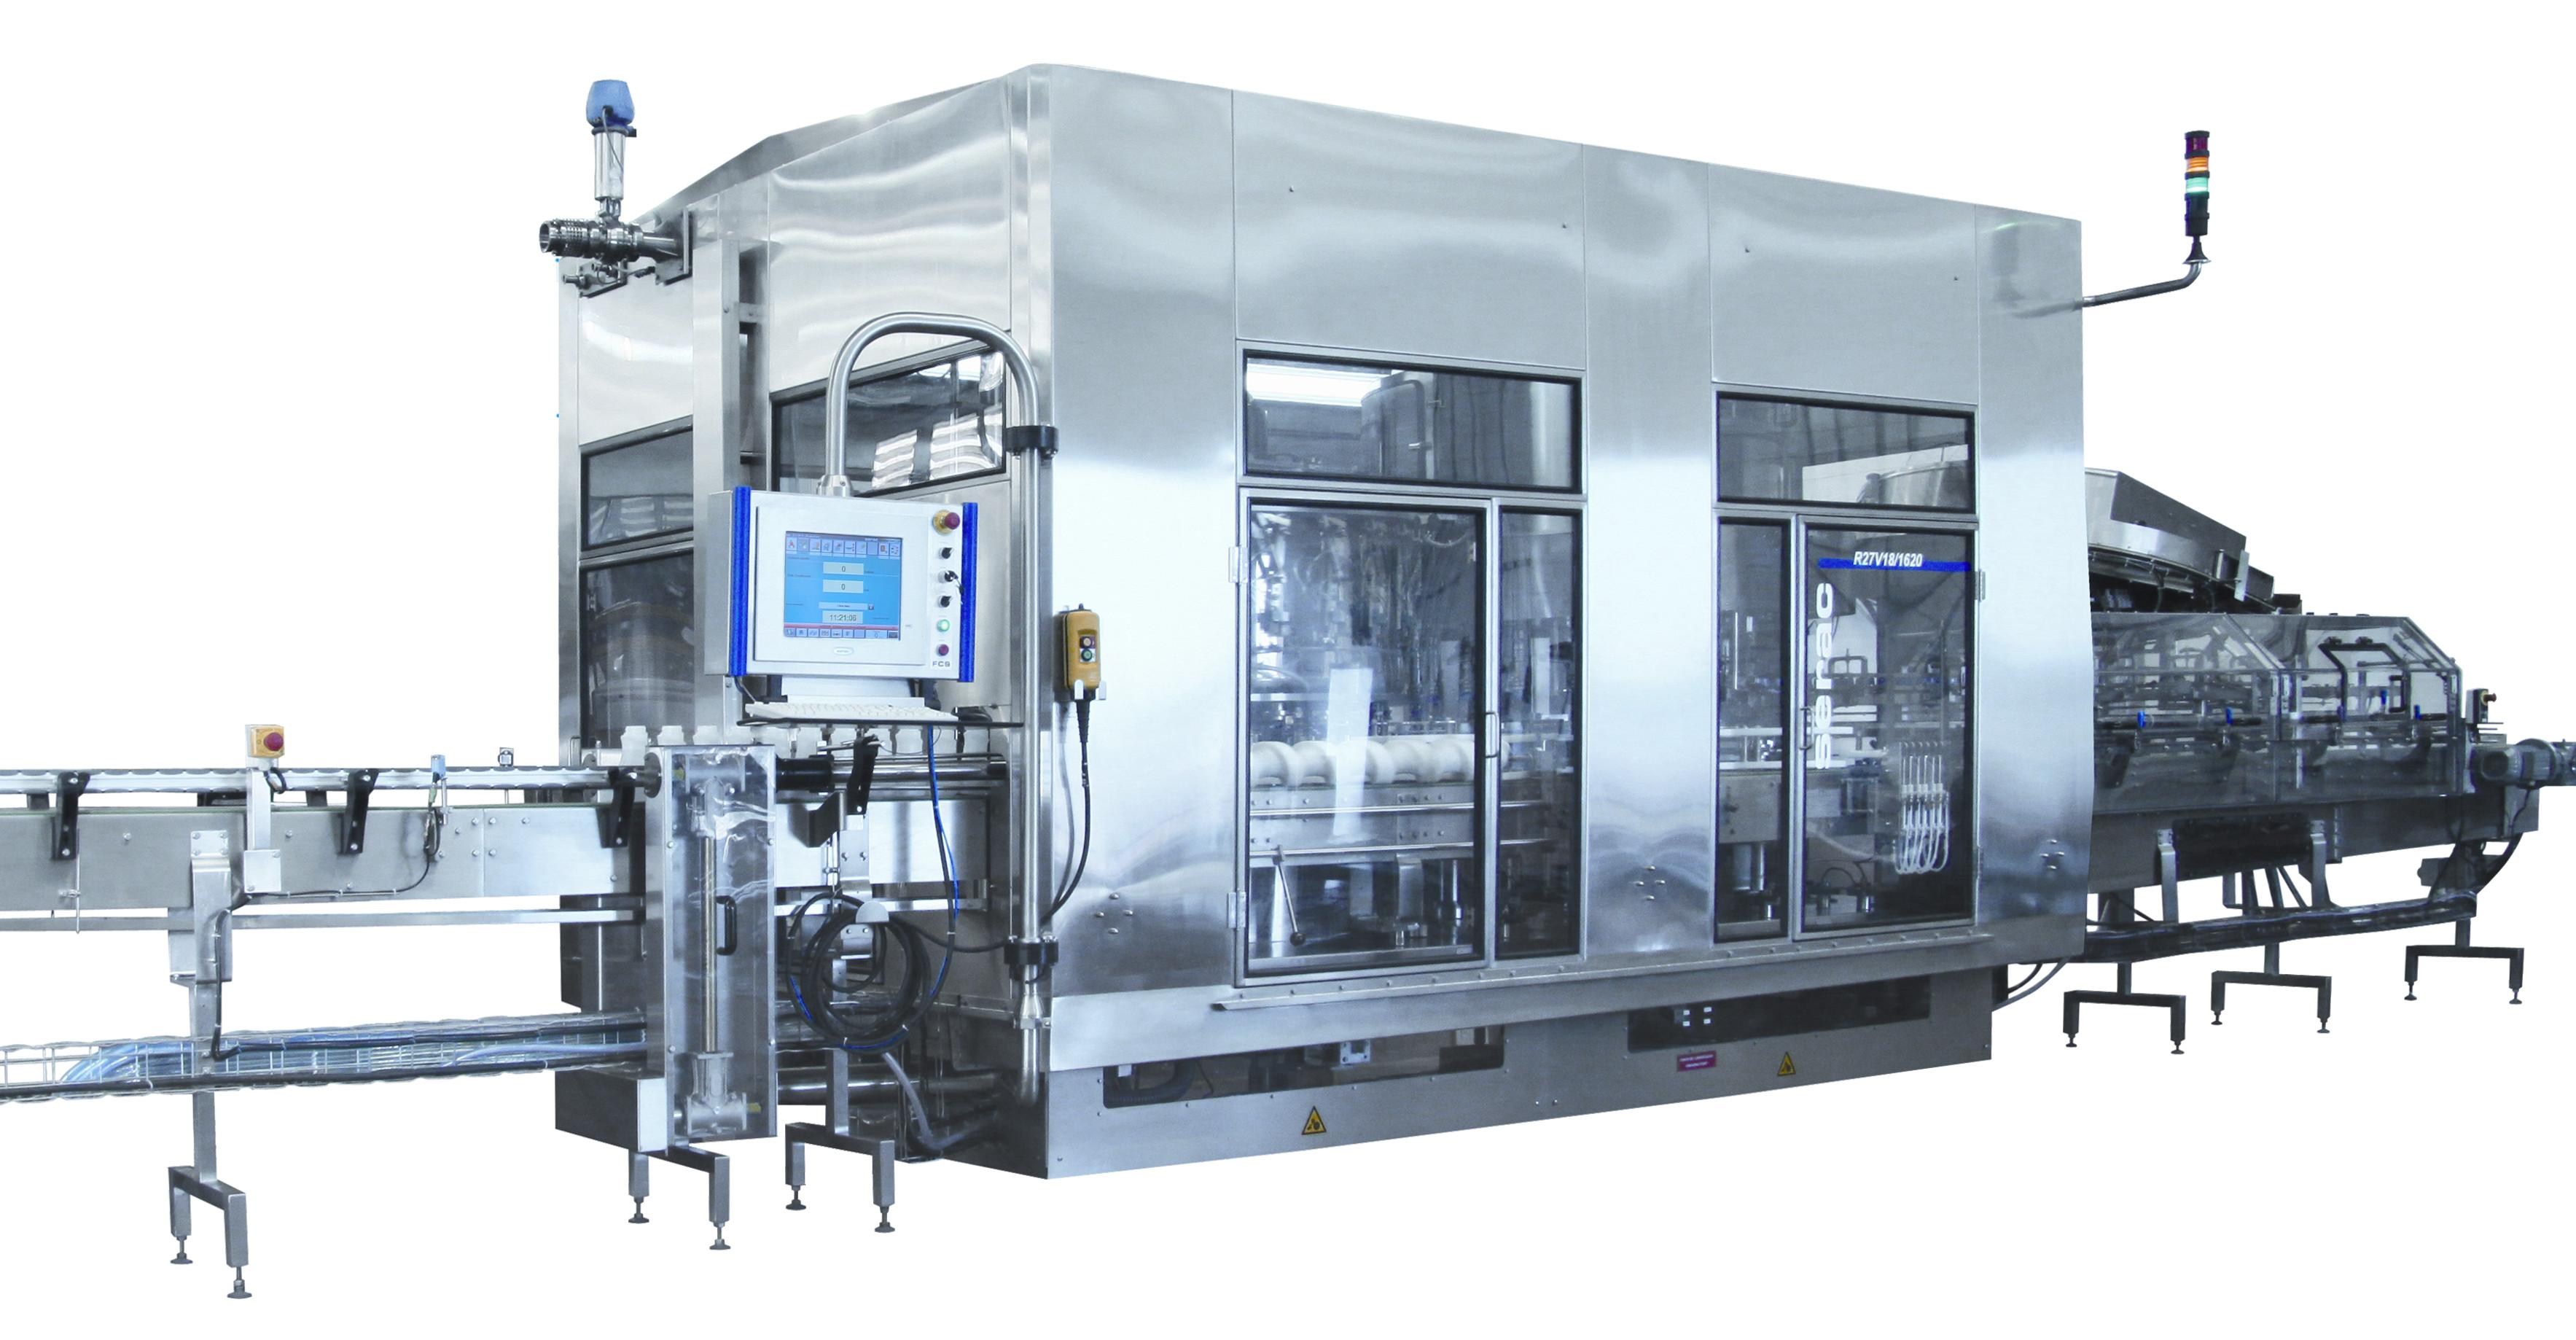 En version standard, elles sont entièrement constituées d'acier inoxydable (ou de matériaux adaptés comme le titane ou l'hastelloy).